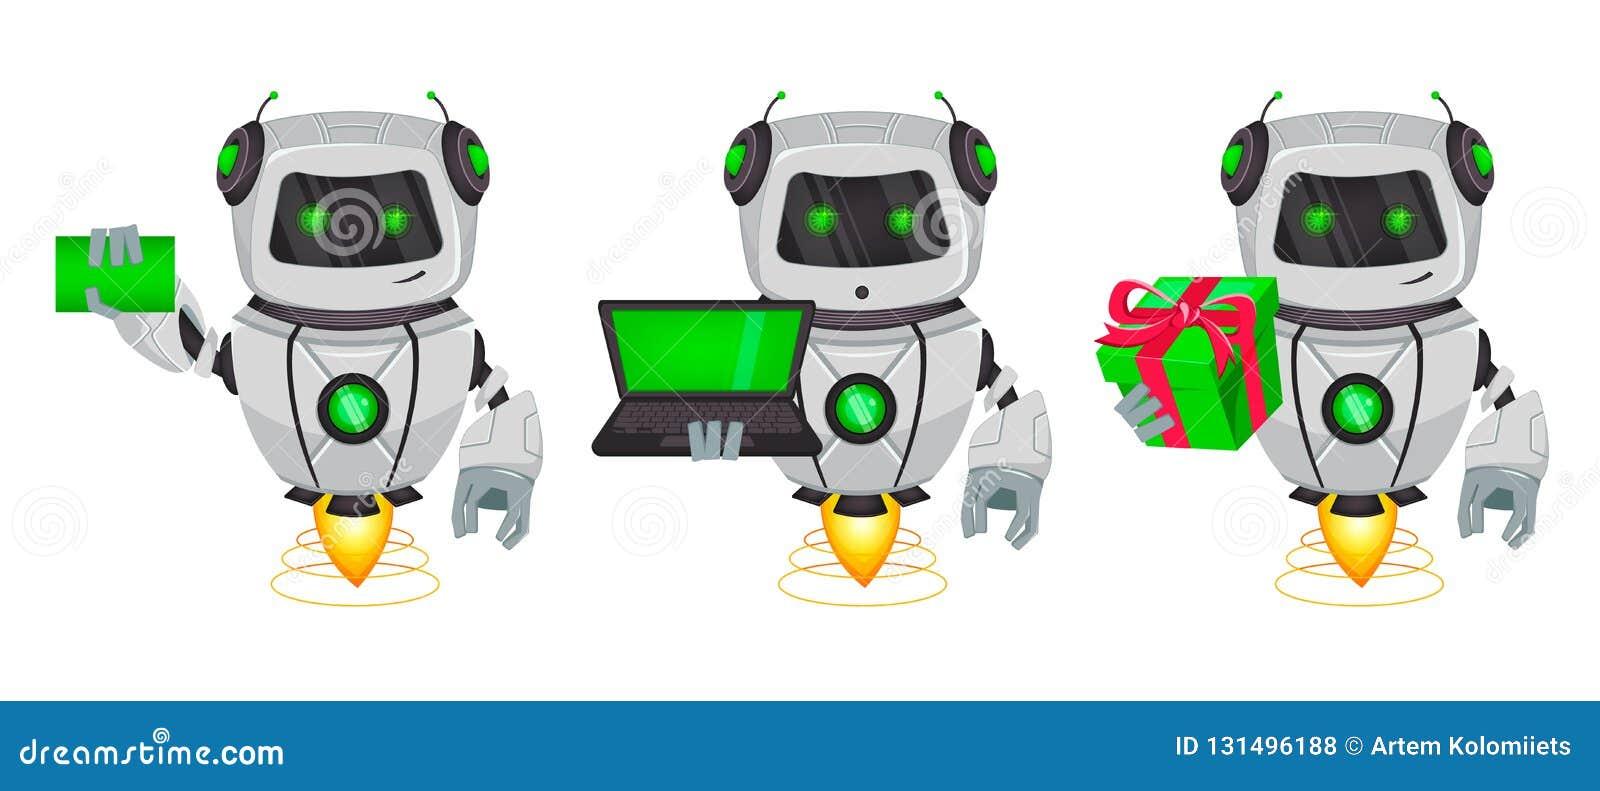 Το ρομπότ με την τεχνητή νοημοσύνη, BOT, σύνολο τριών θέτει Ο αστείος χαρακτήρας κινουμένων σχεδίων κρατά την κενή επαγγελματική